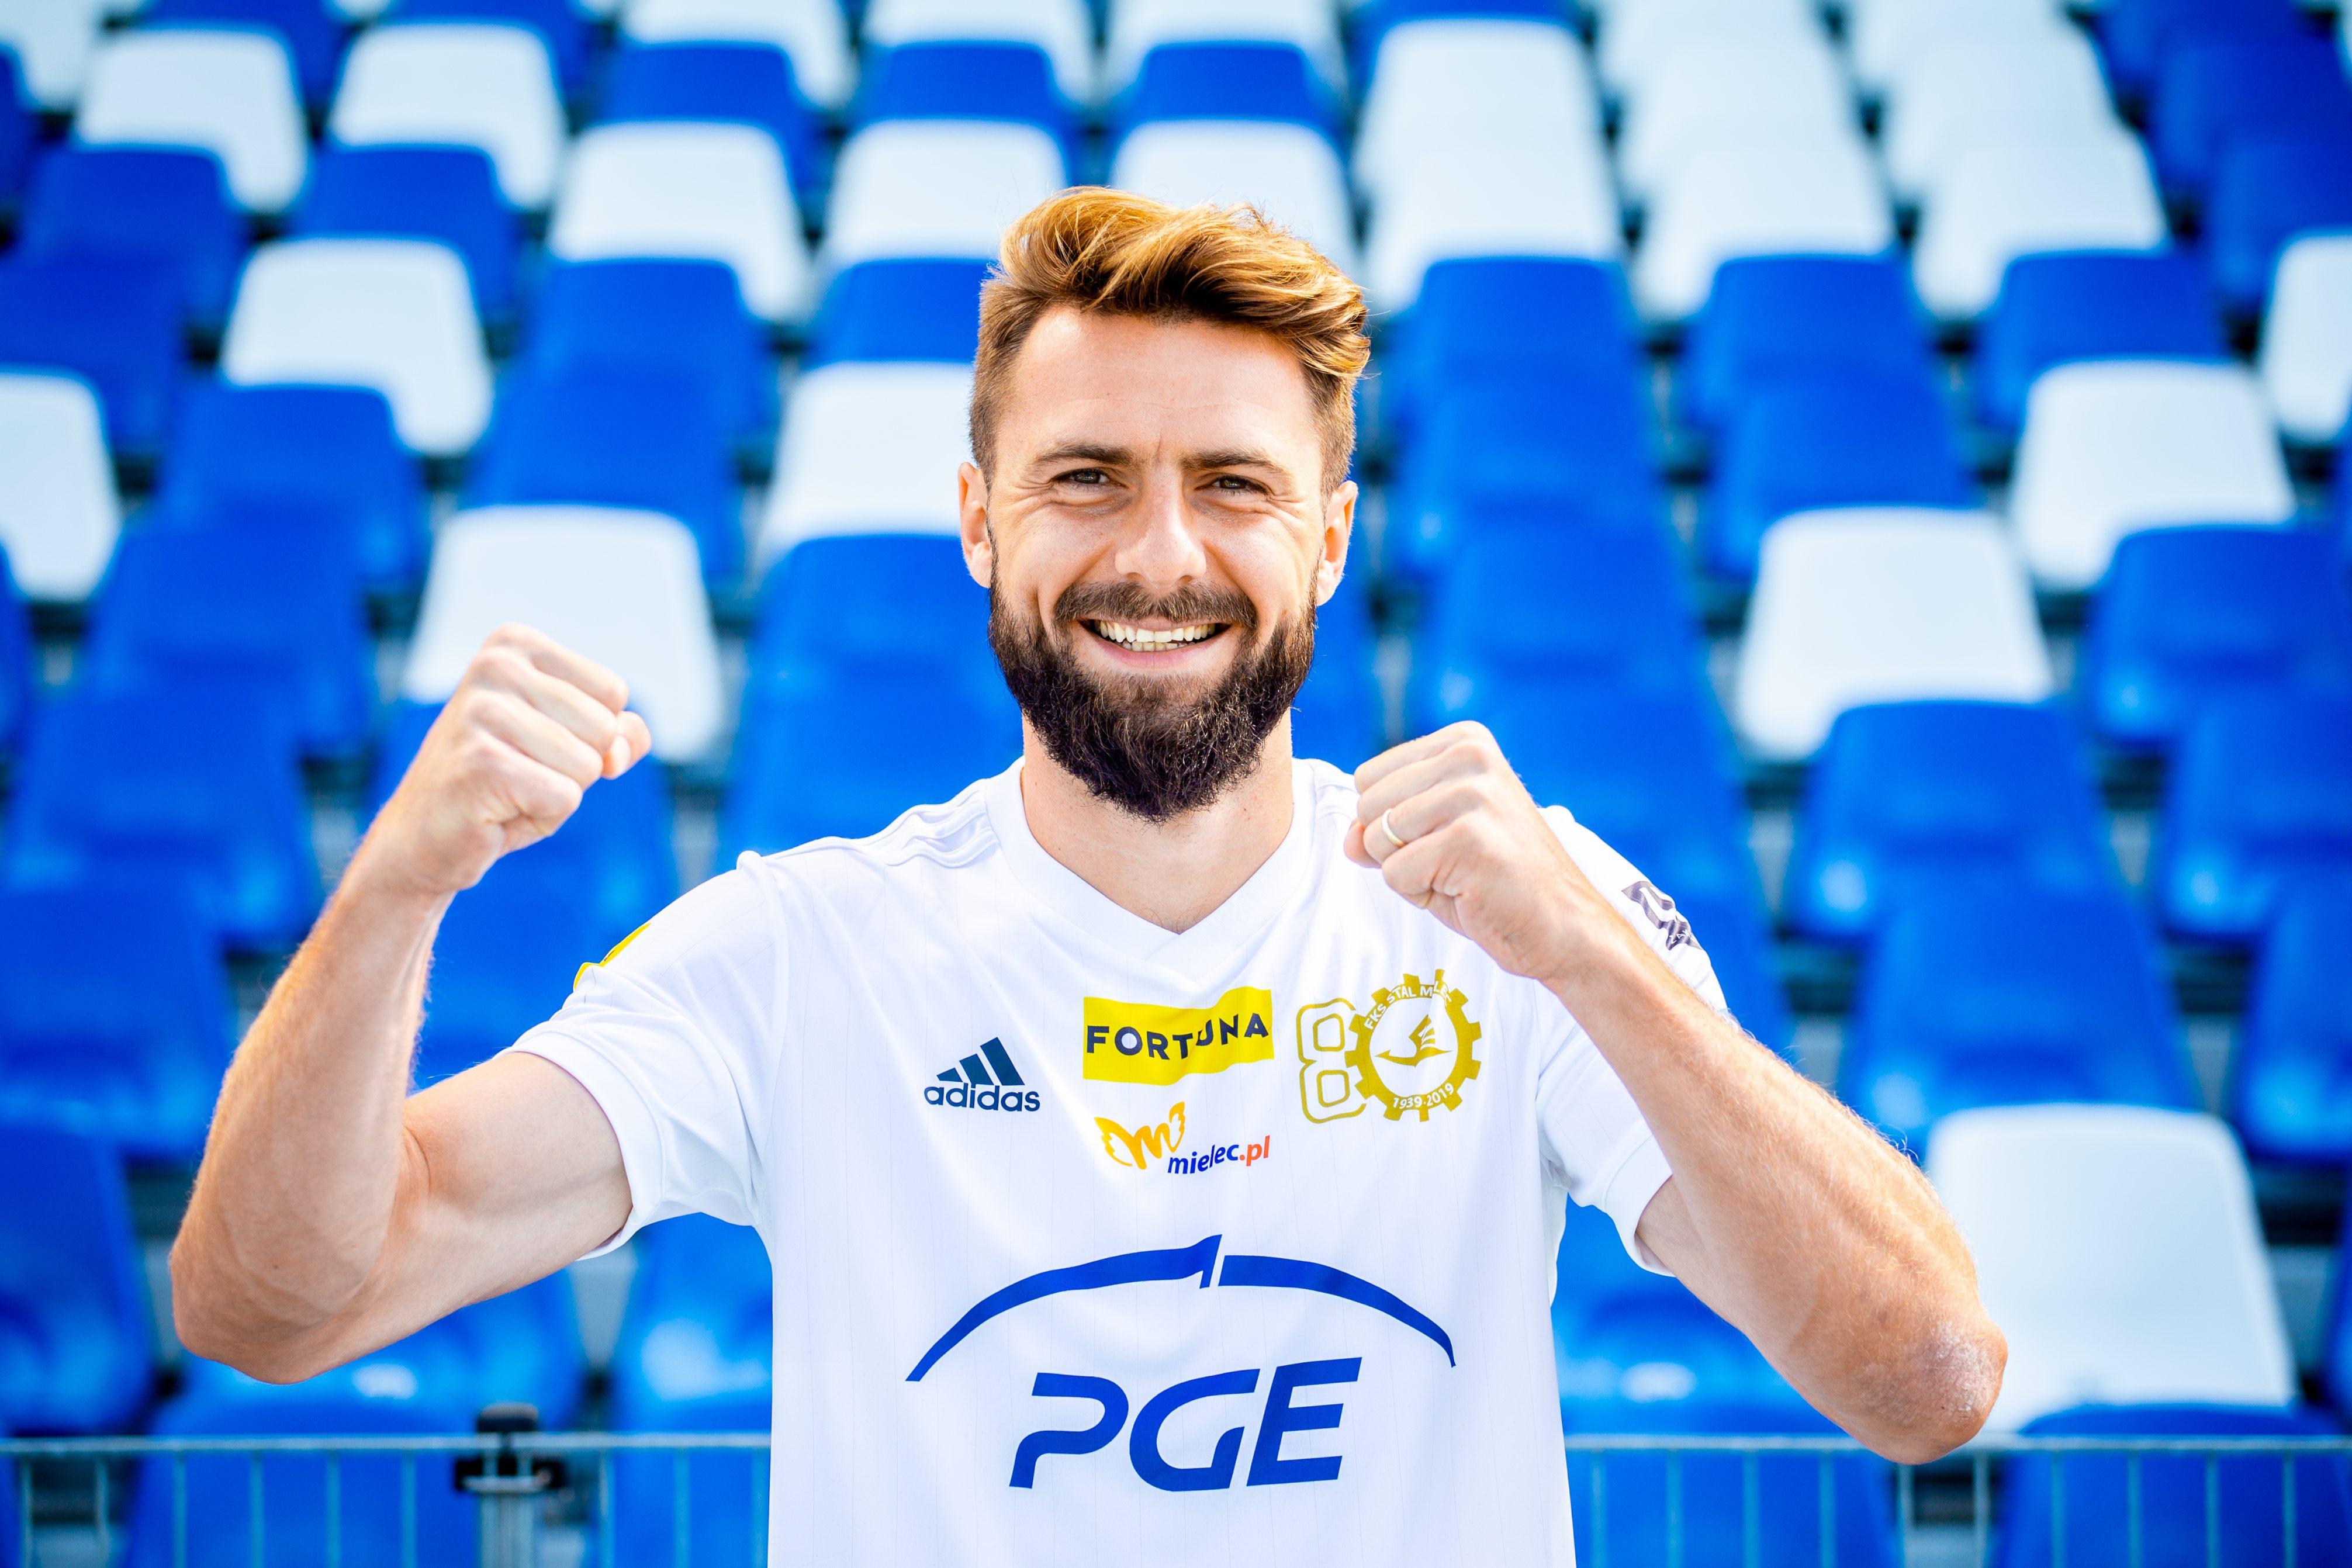 Martin Dobrotka nowym kapitanem PGE FKS Stal Mielec